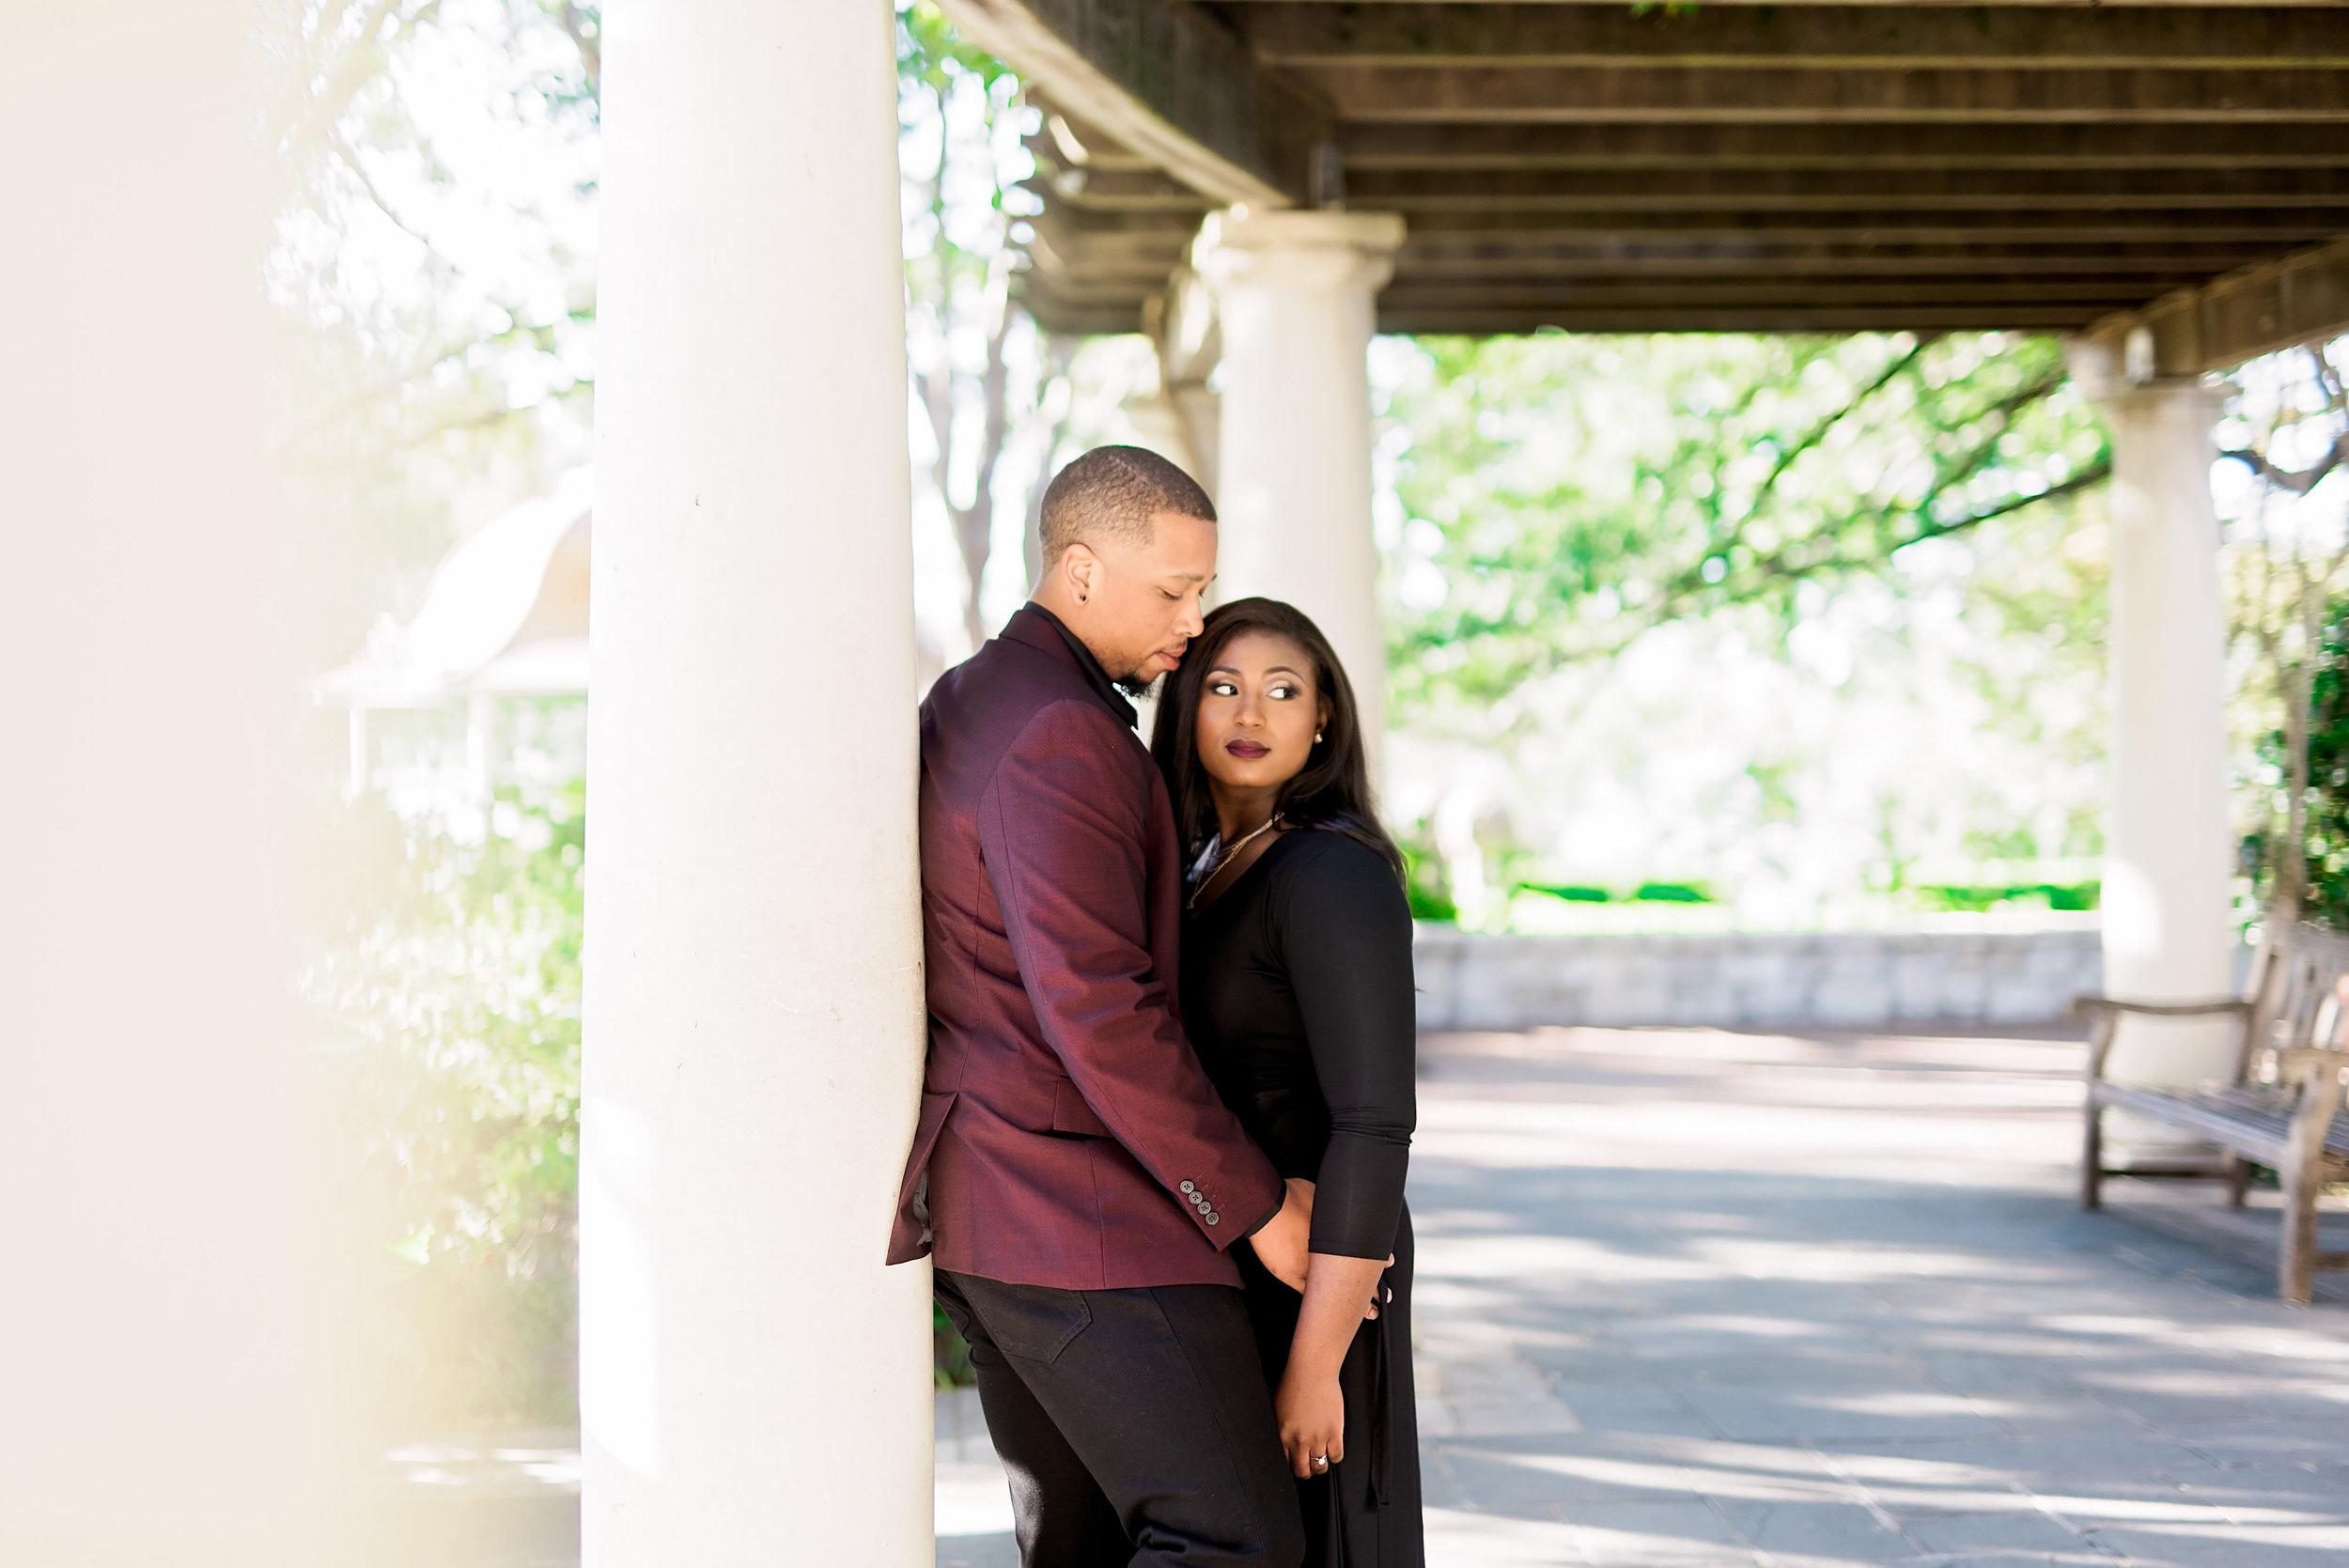 Kevin-Adriana-Pharris-Photography-Engagement-Photoshoot-2.jpg